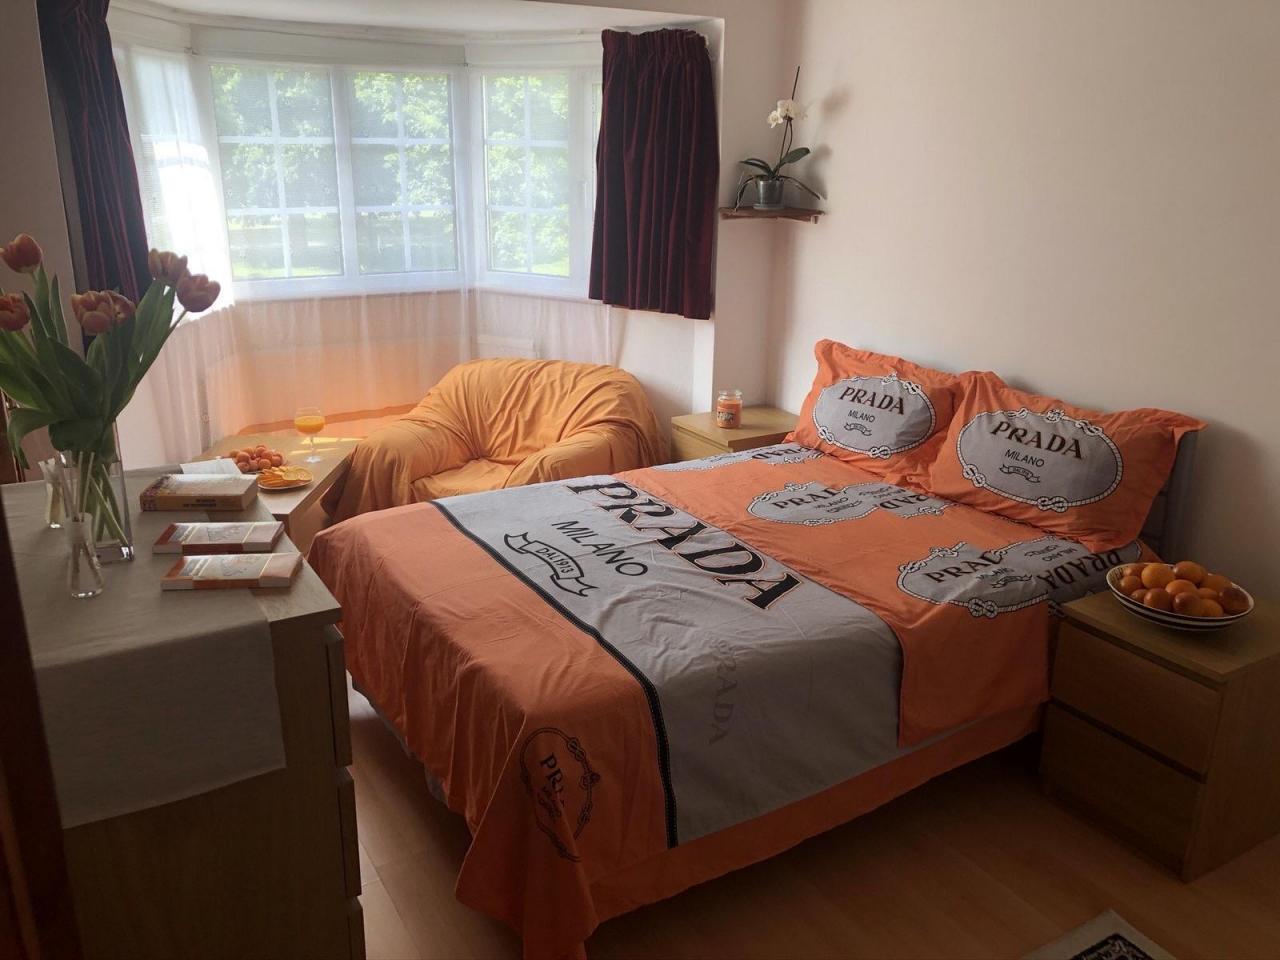 Сдается double комната в районе Tooting для одного - 6